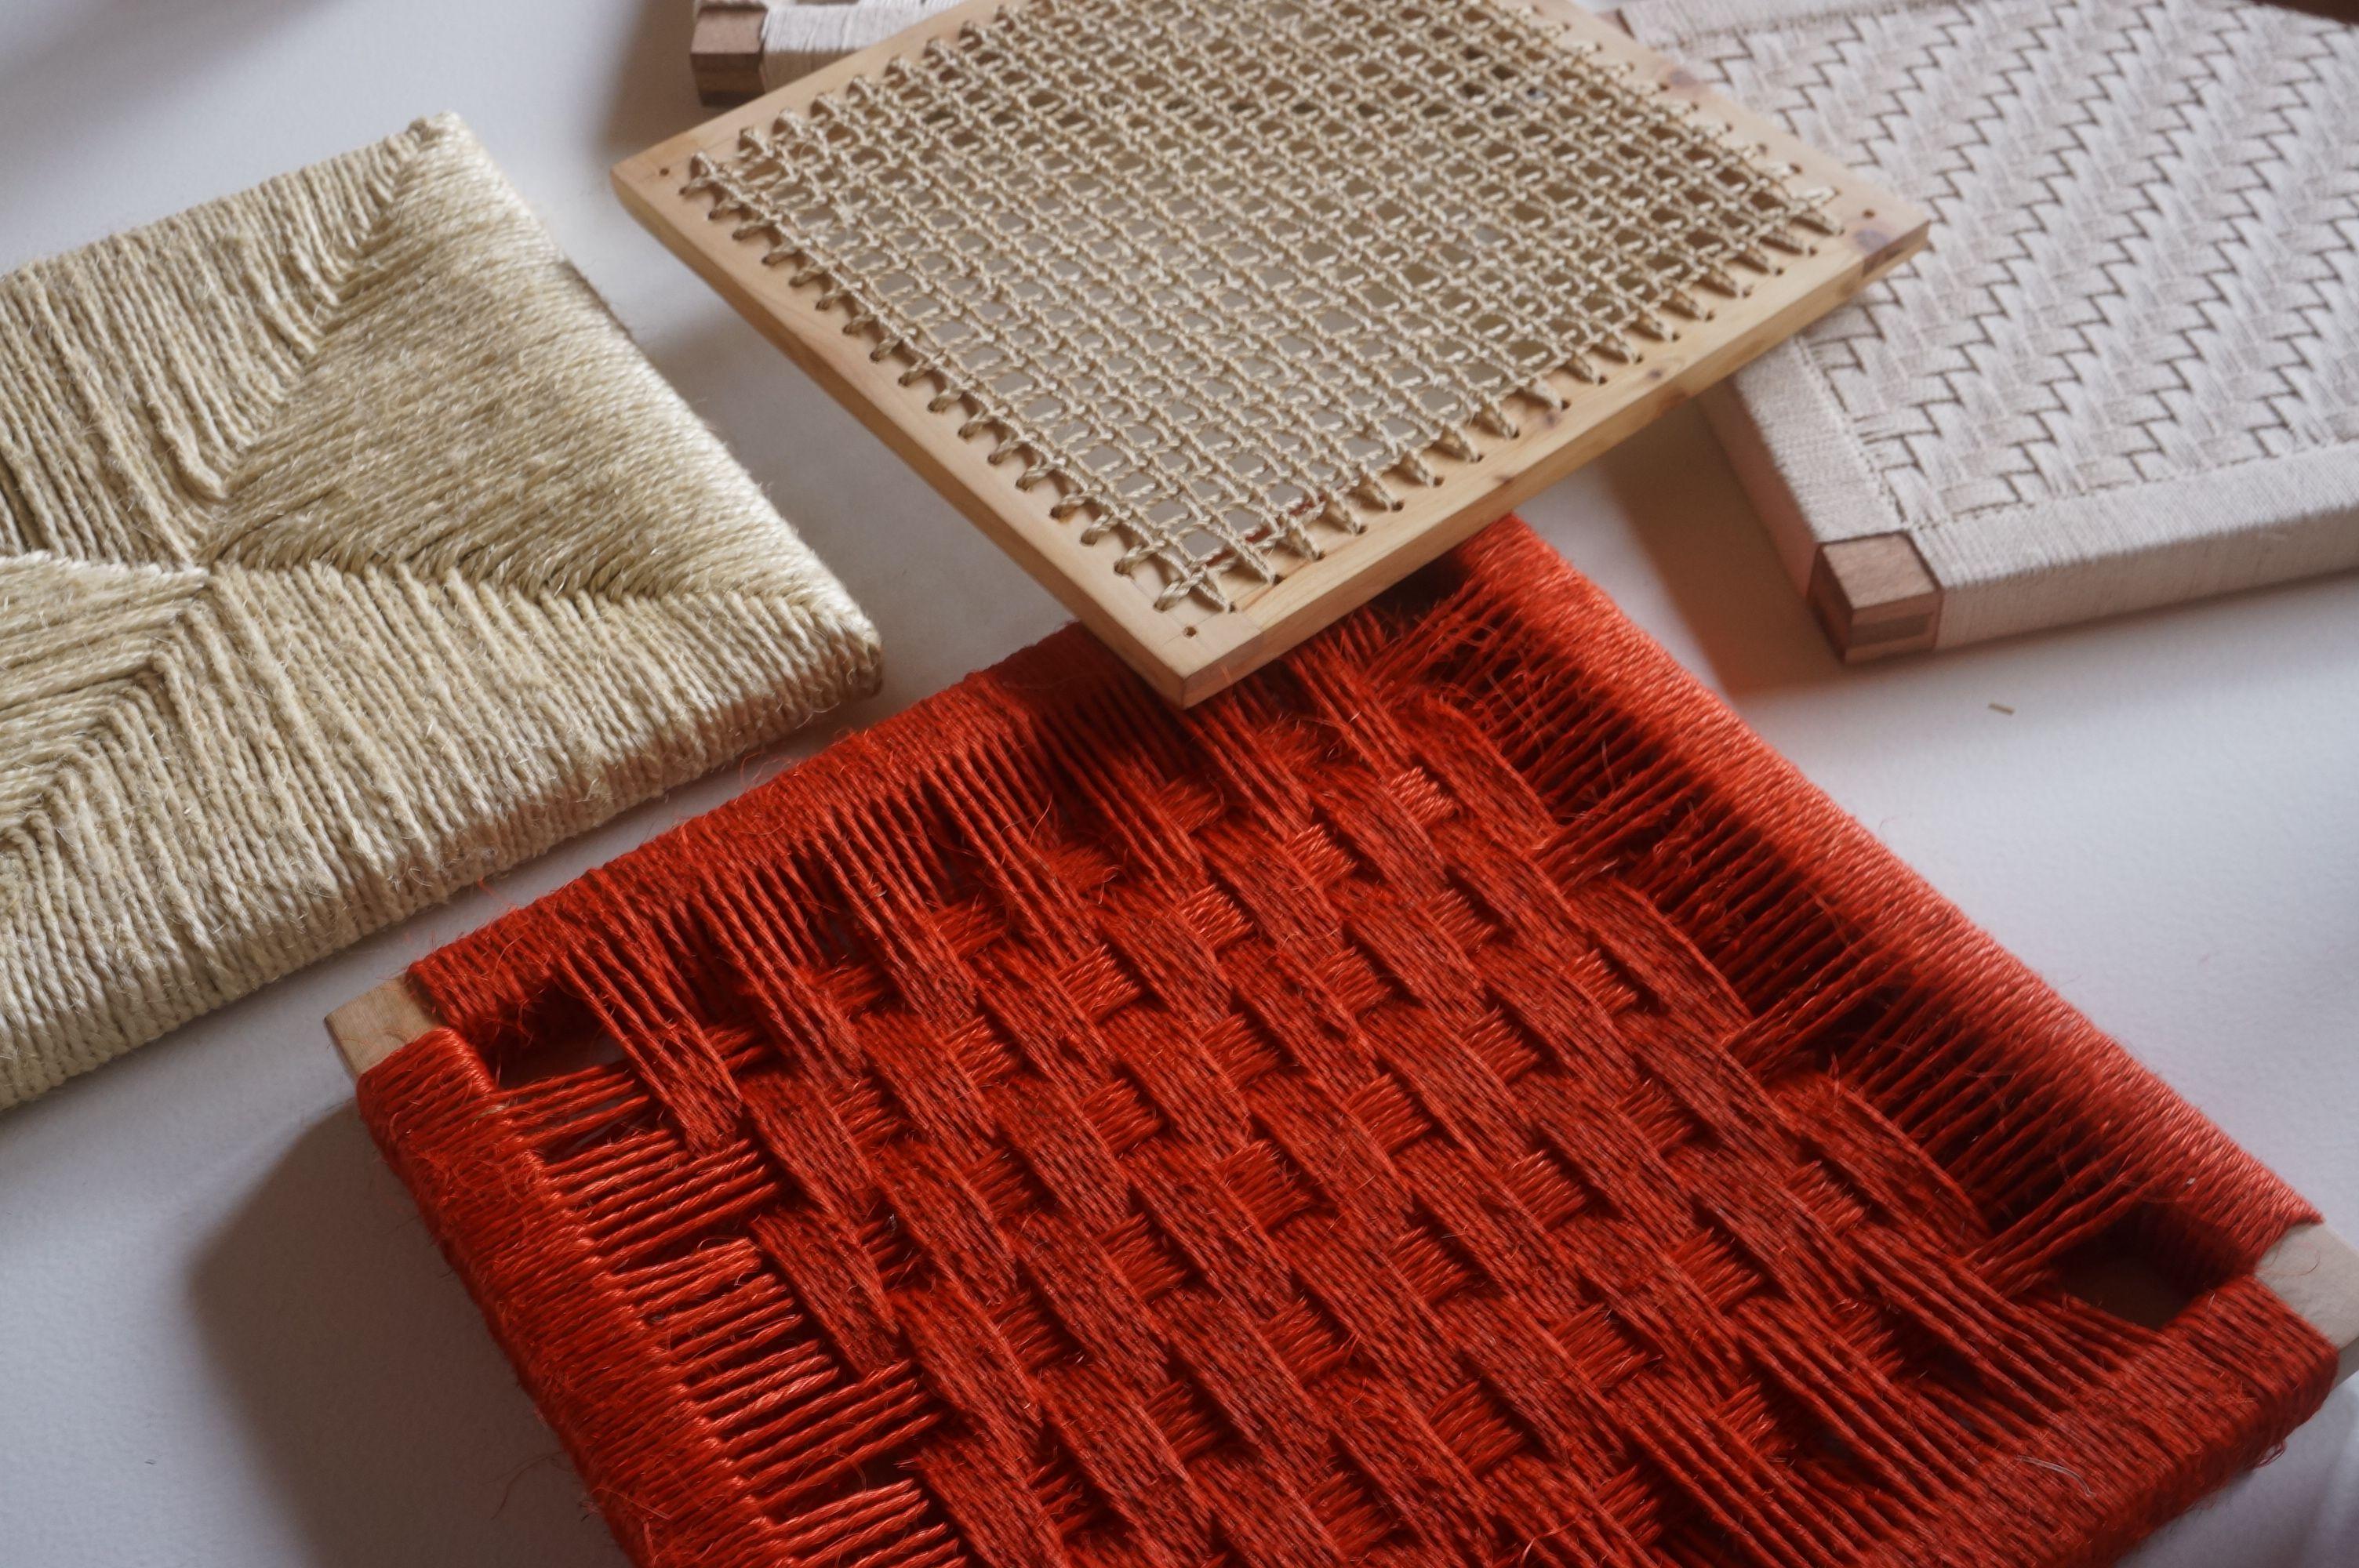 919673c08 Bastidores tejidos para aplicar en silletería - Materiales: Fique curití,  cumare, pita de